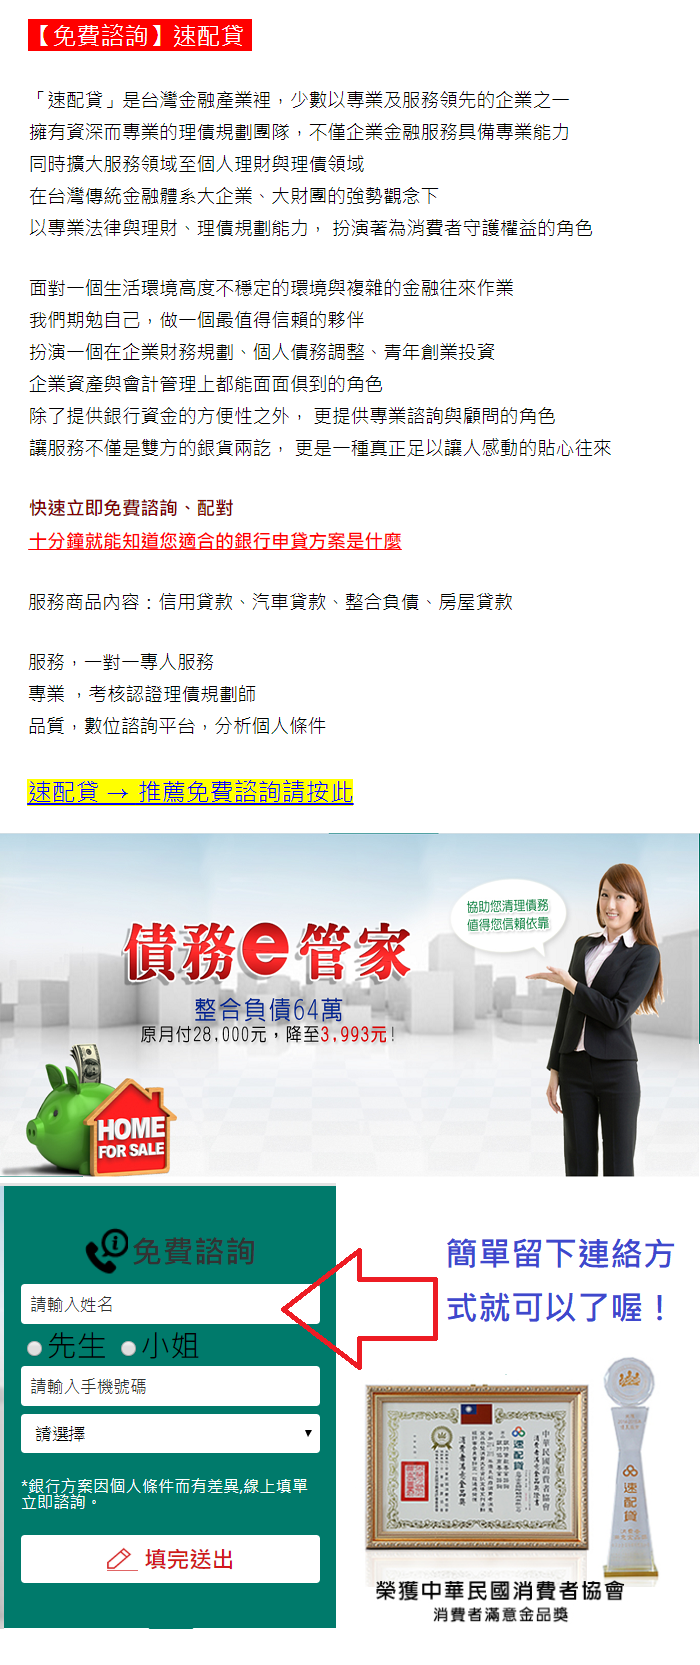 民間貸款公司方法